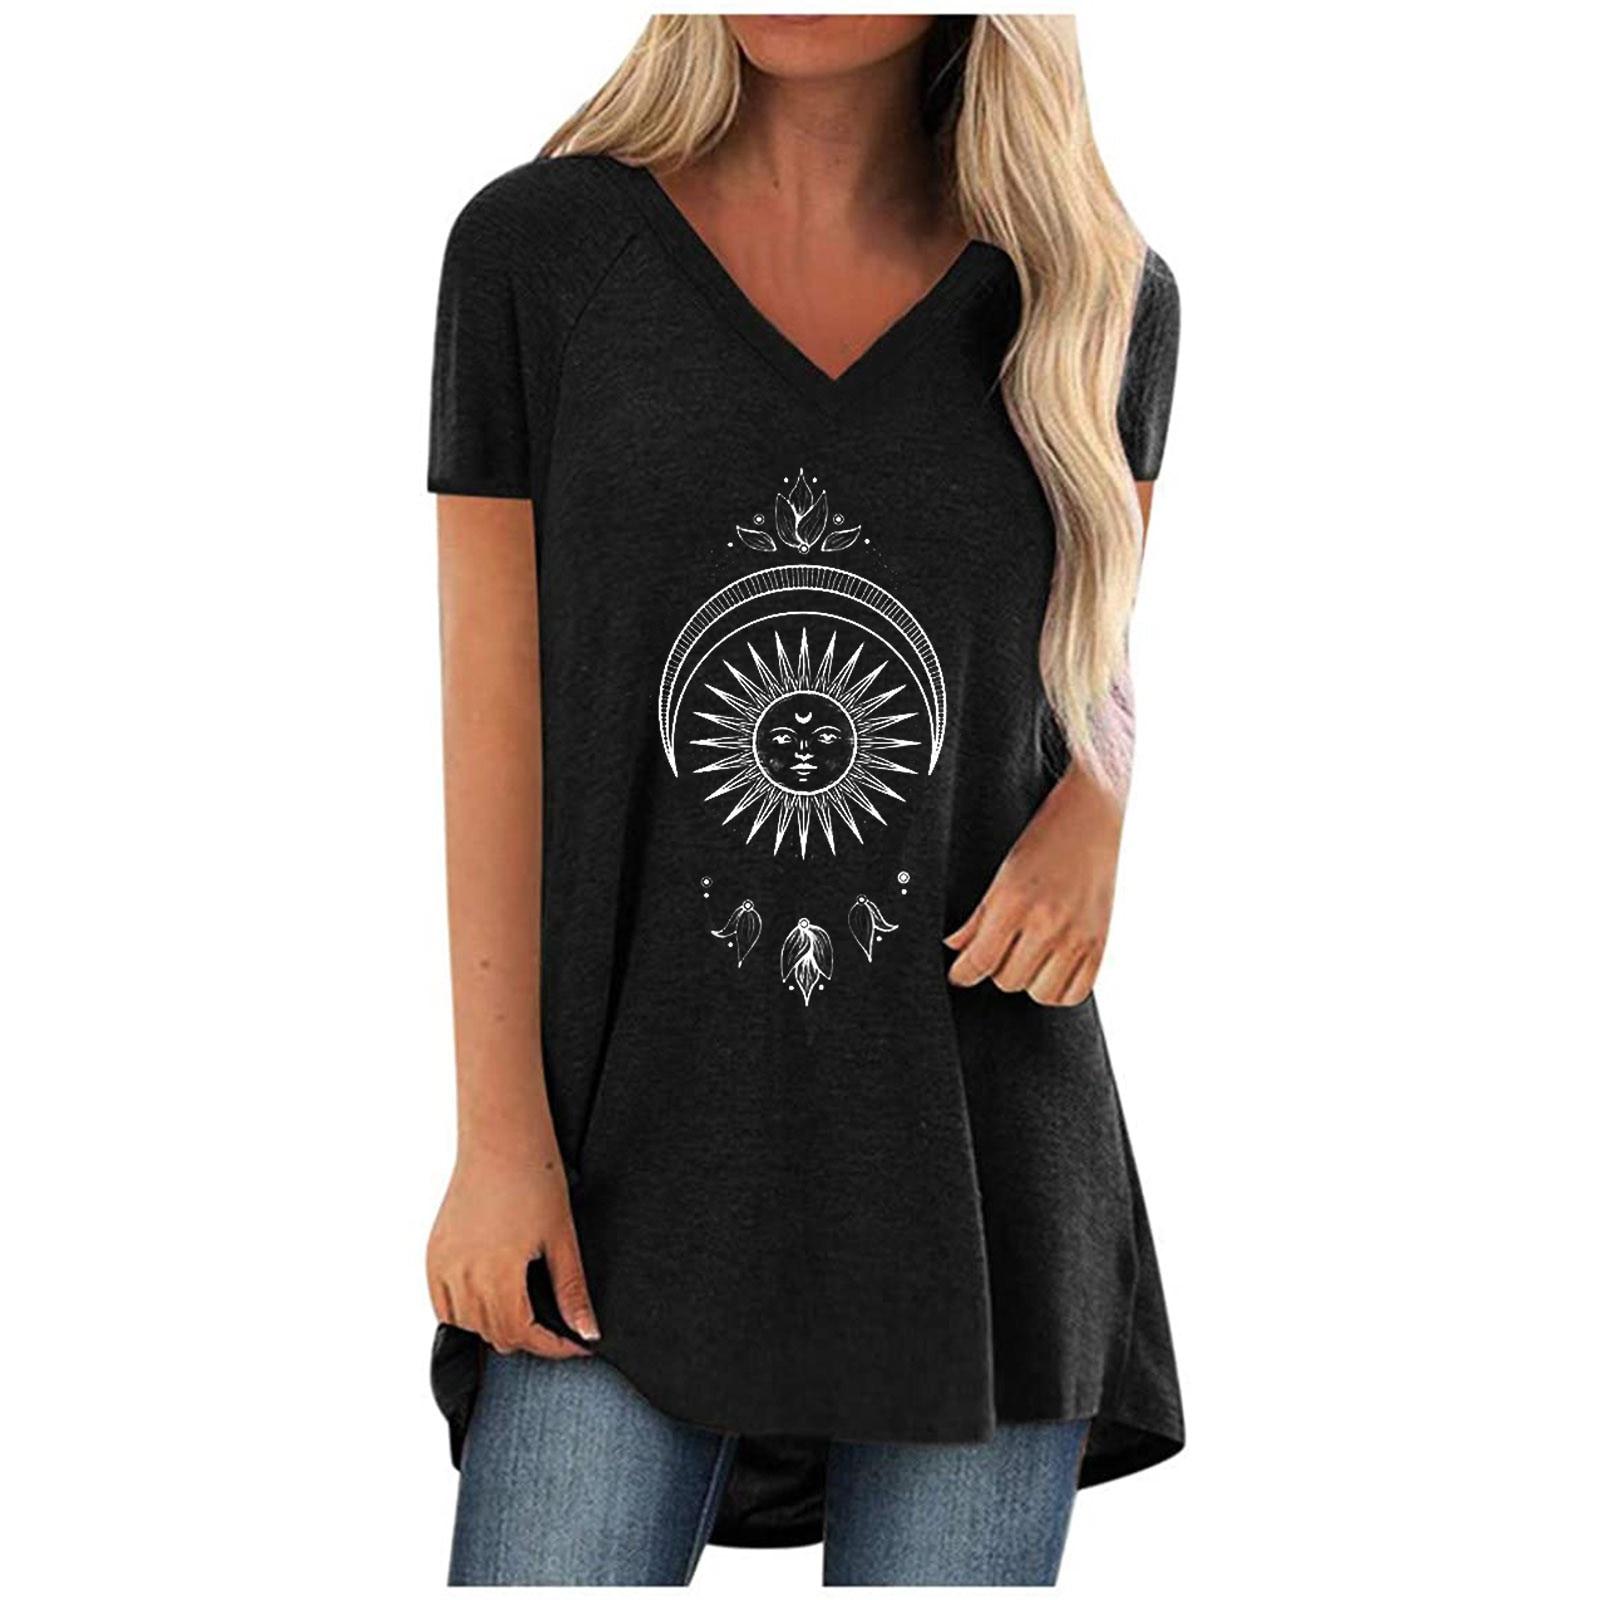 Camiseta con estampado 3D de sol y luna para Mujer, ropa informal...